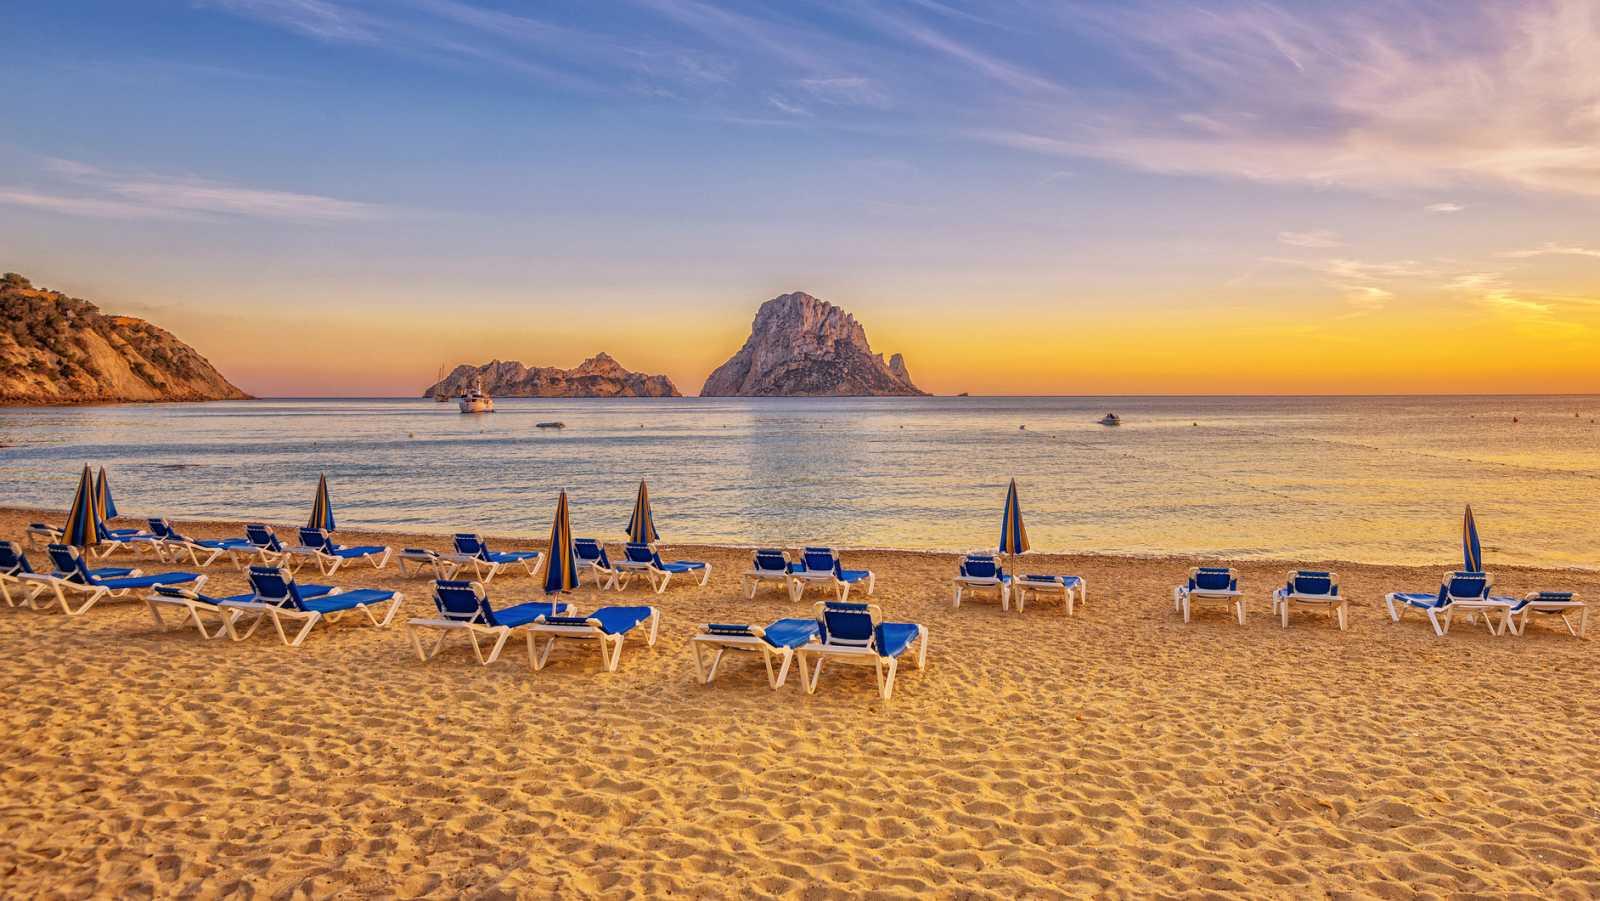 En clave Turismo - Previsiones y propuestas para el turismo en España - 10/02/21 - escuchar ahora